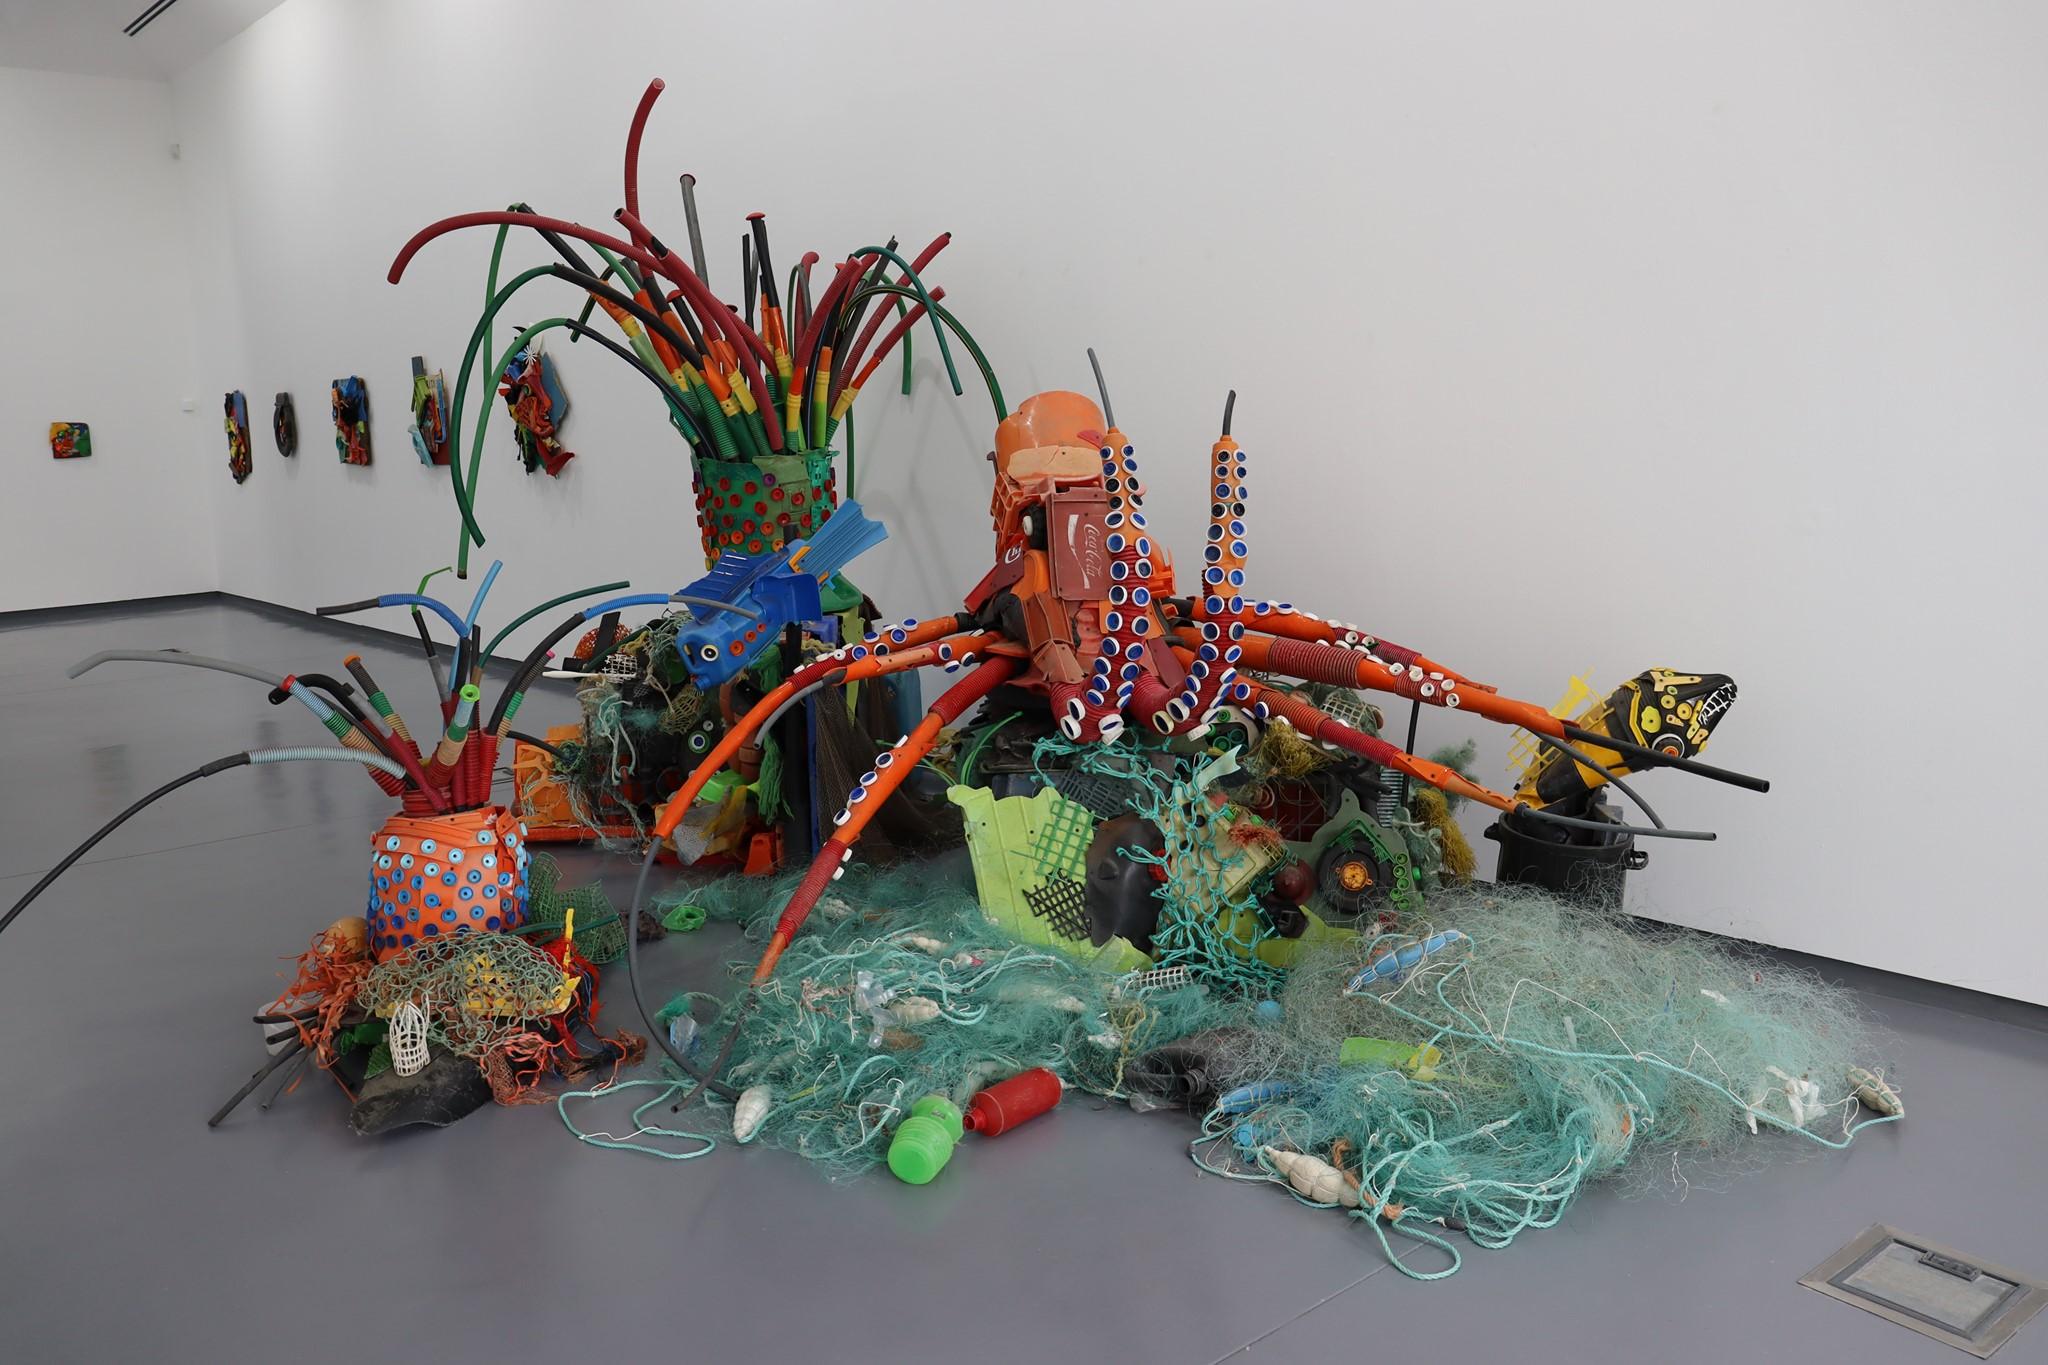 Exposição Monstros Marinhos patente no Centro de Artes